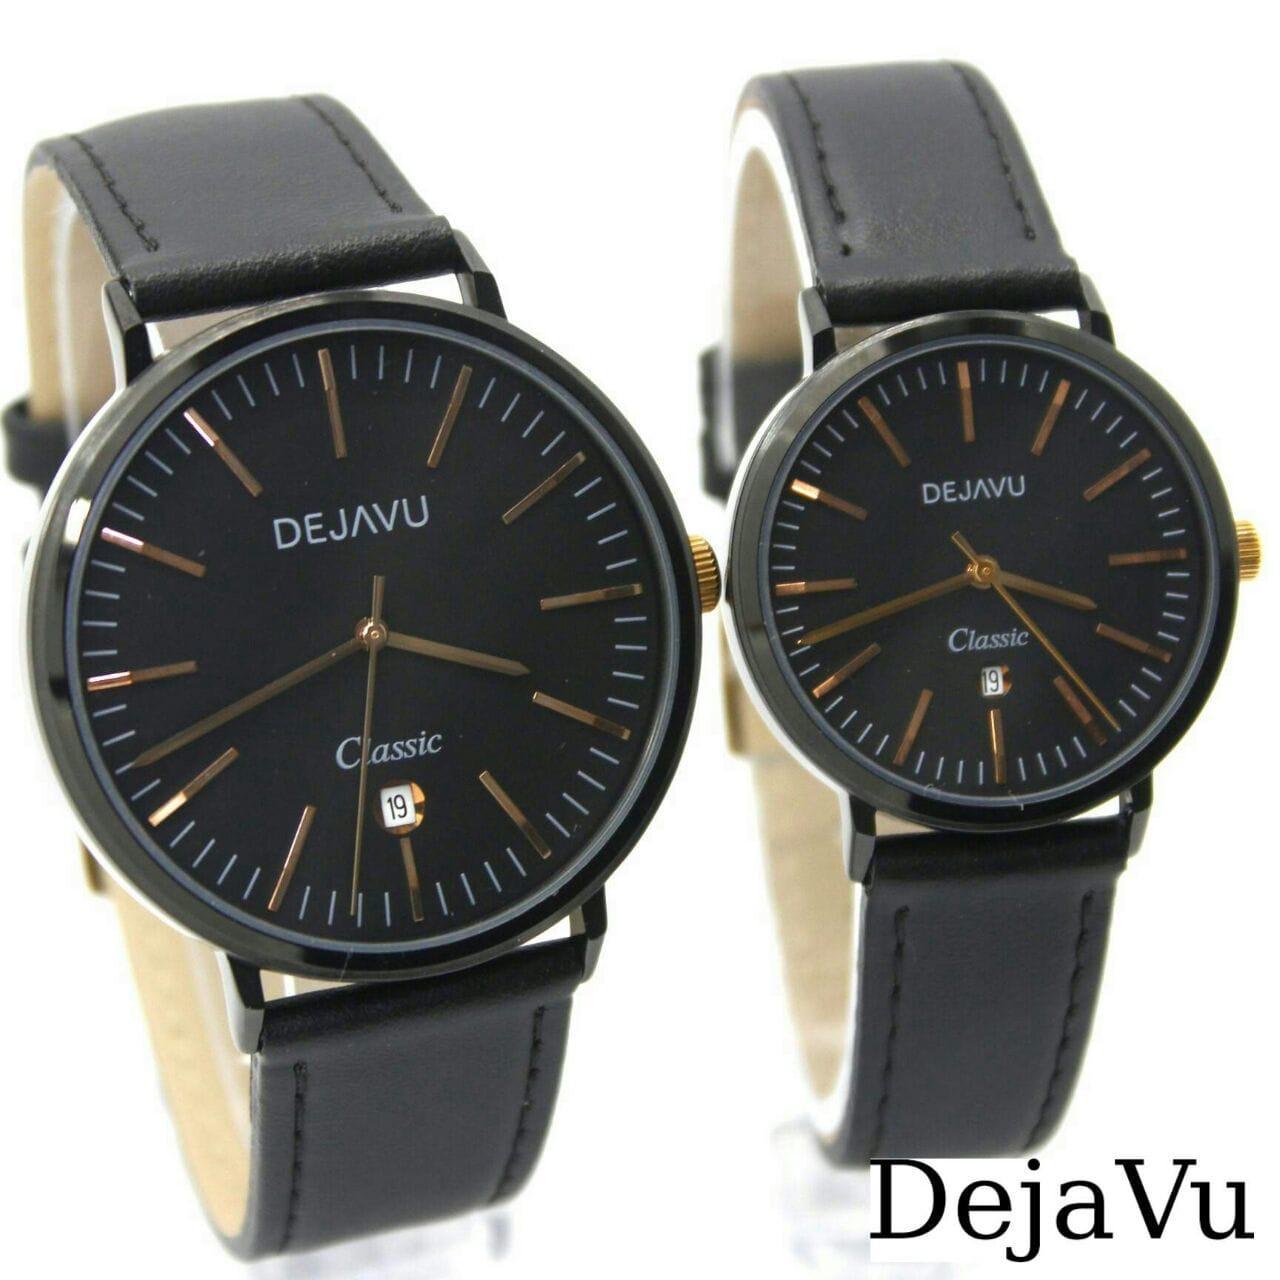 Dejavu Dj5014 Original Watch Jam Tangan Pasir Couple Stainlees Steel Aigner A59211 Aosta Wanita Gold Ring Silver Dj 5017 Kulit